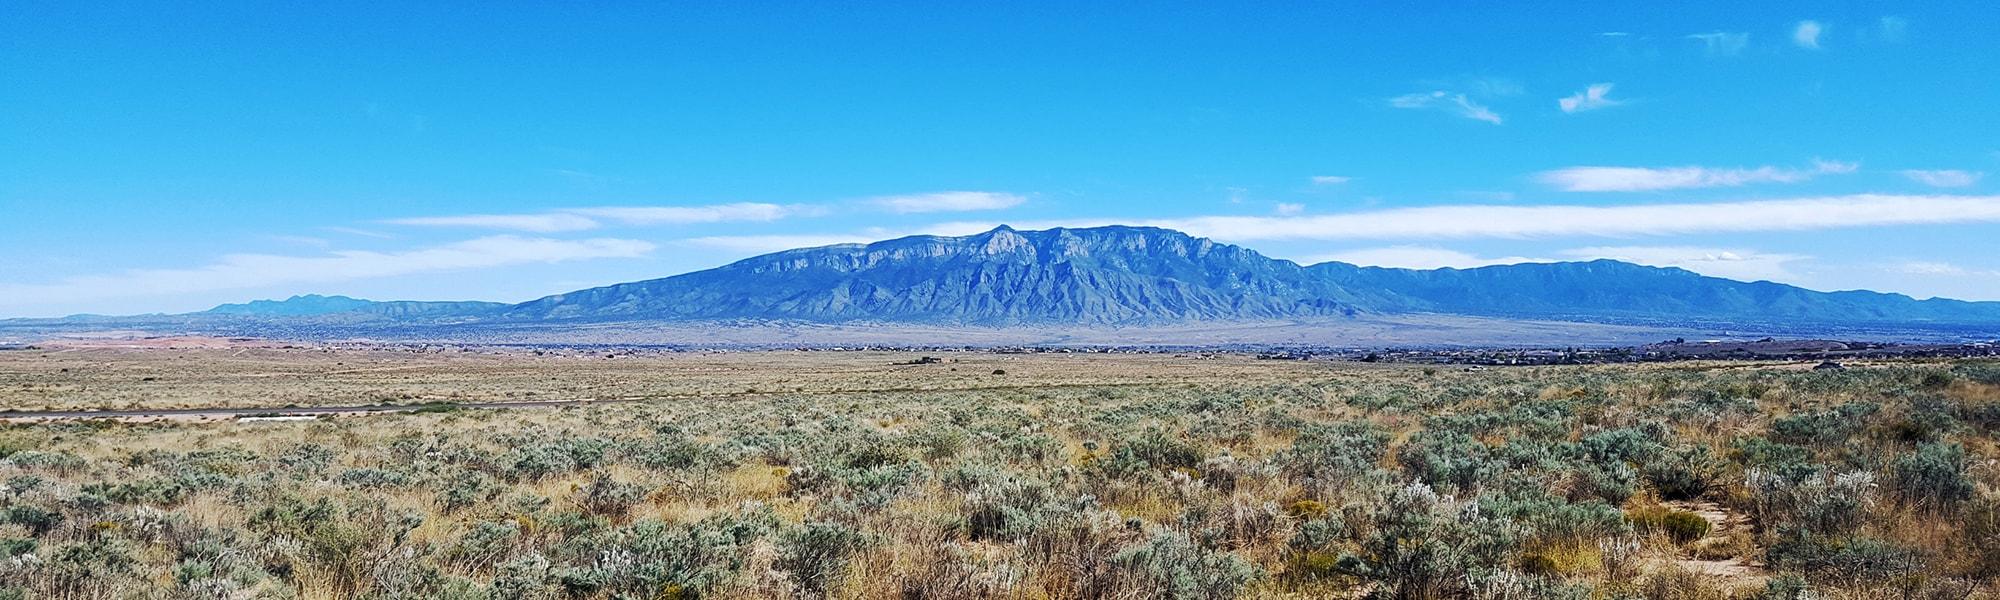 Rio Rancho Land